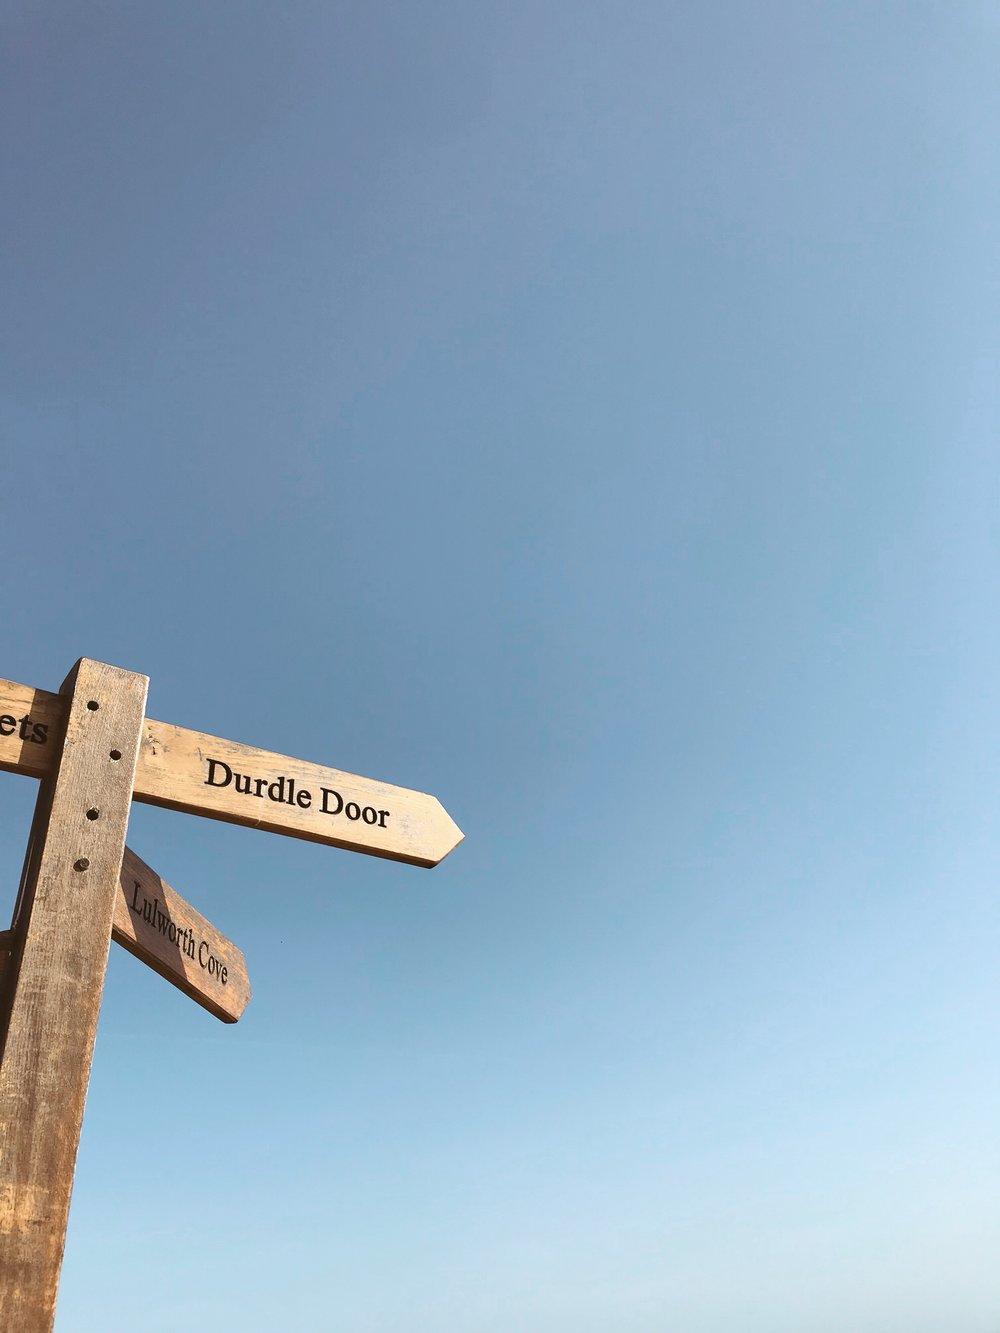 2: Durdle Door, Lulworth Estate - West Lulworth, Wareham, Dorset,BH20 5PU